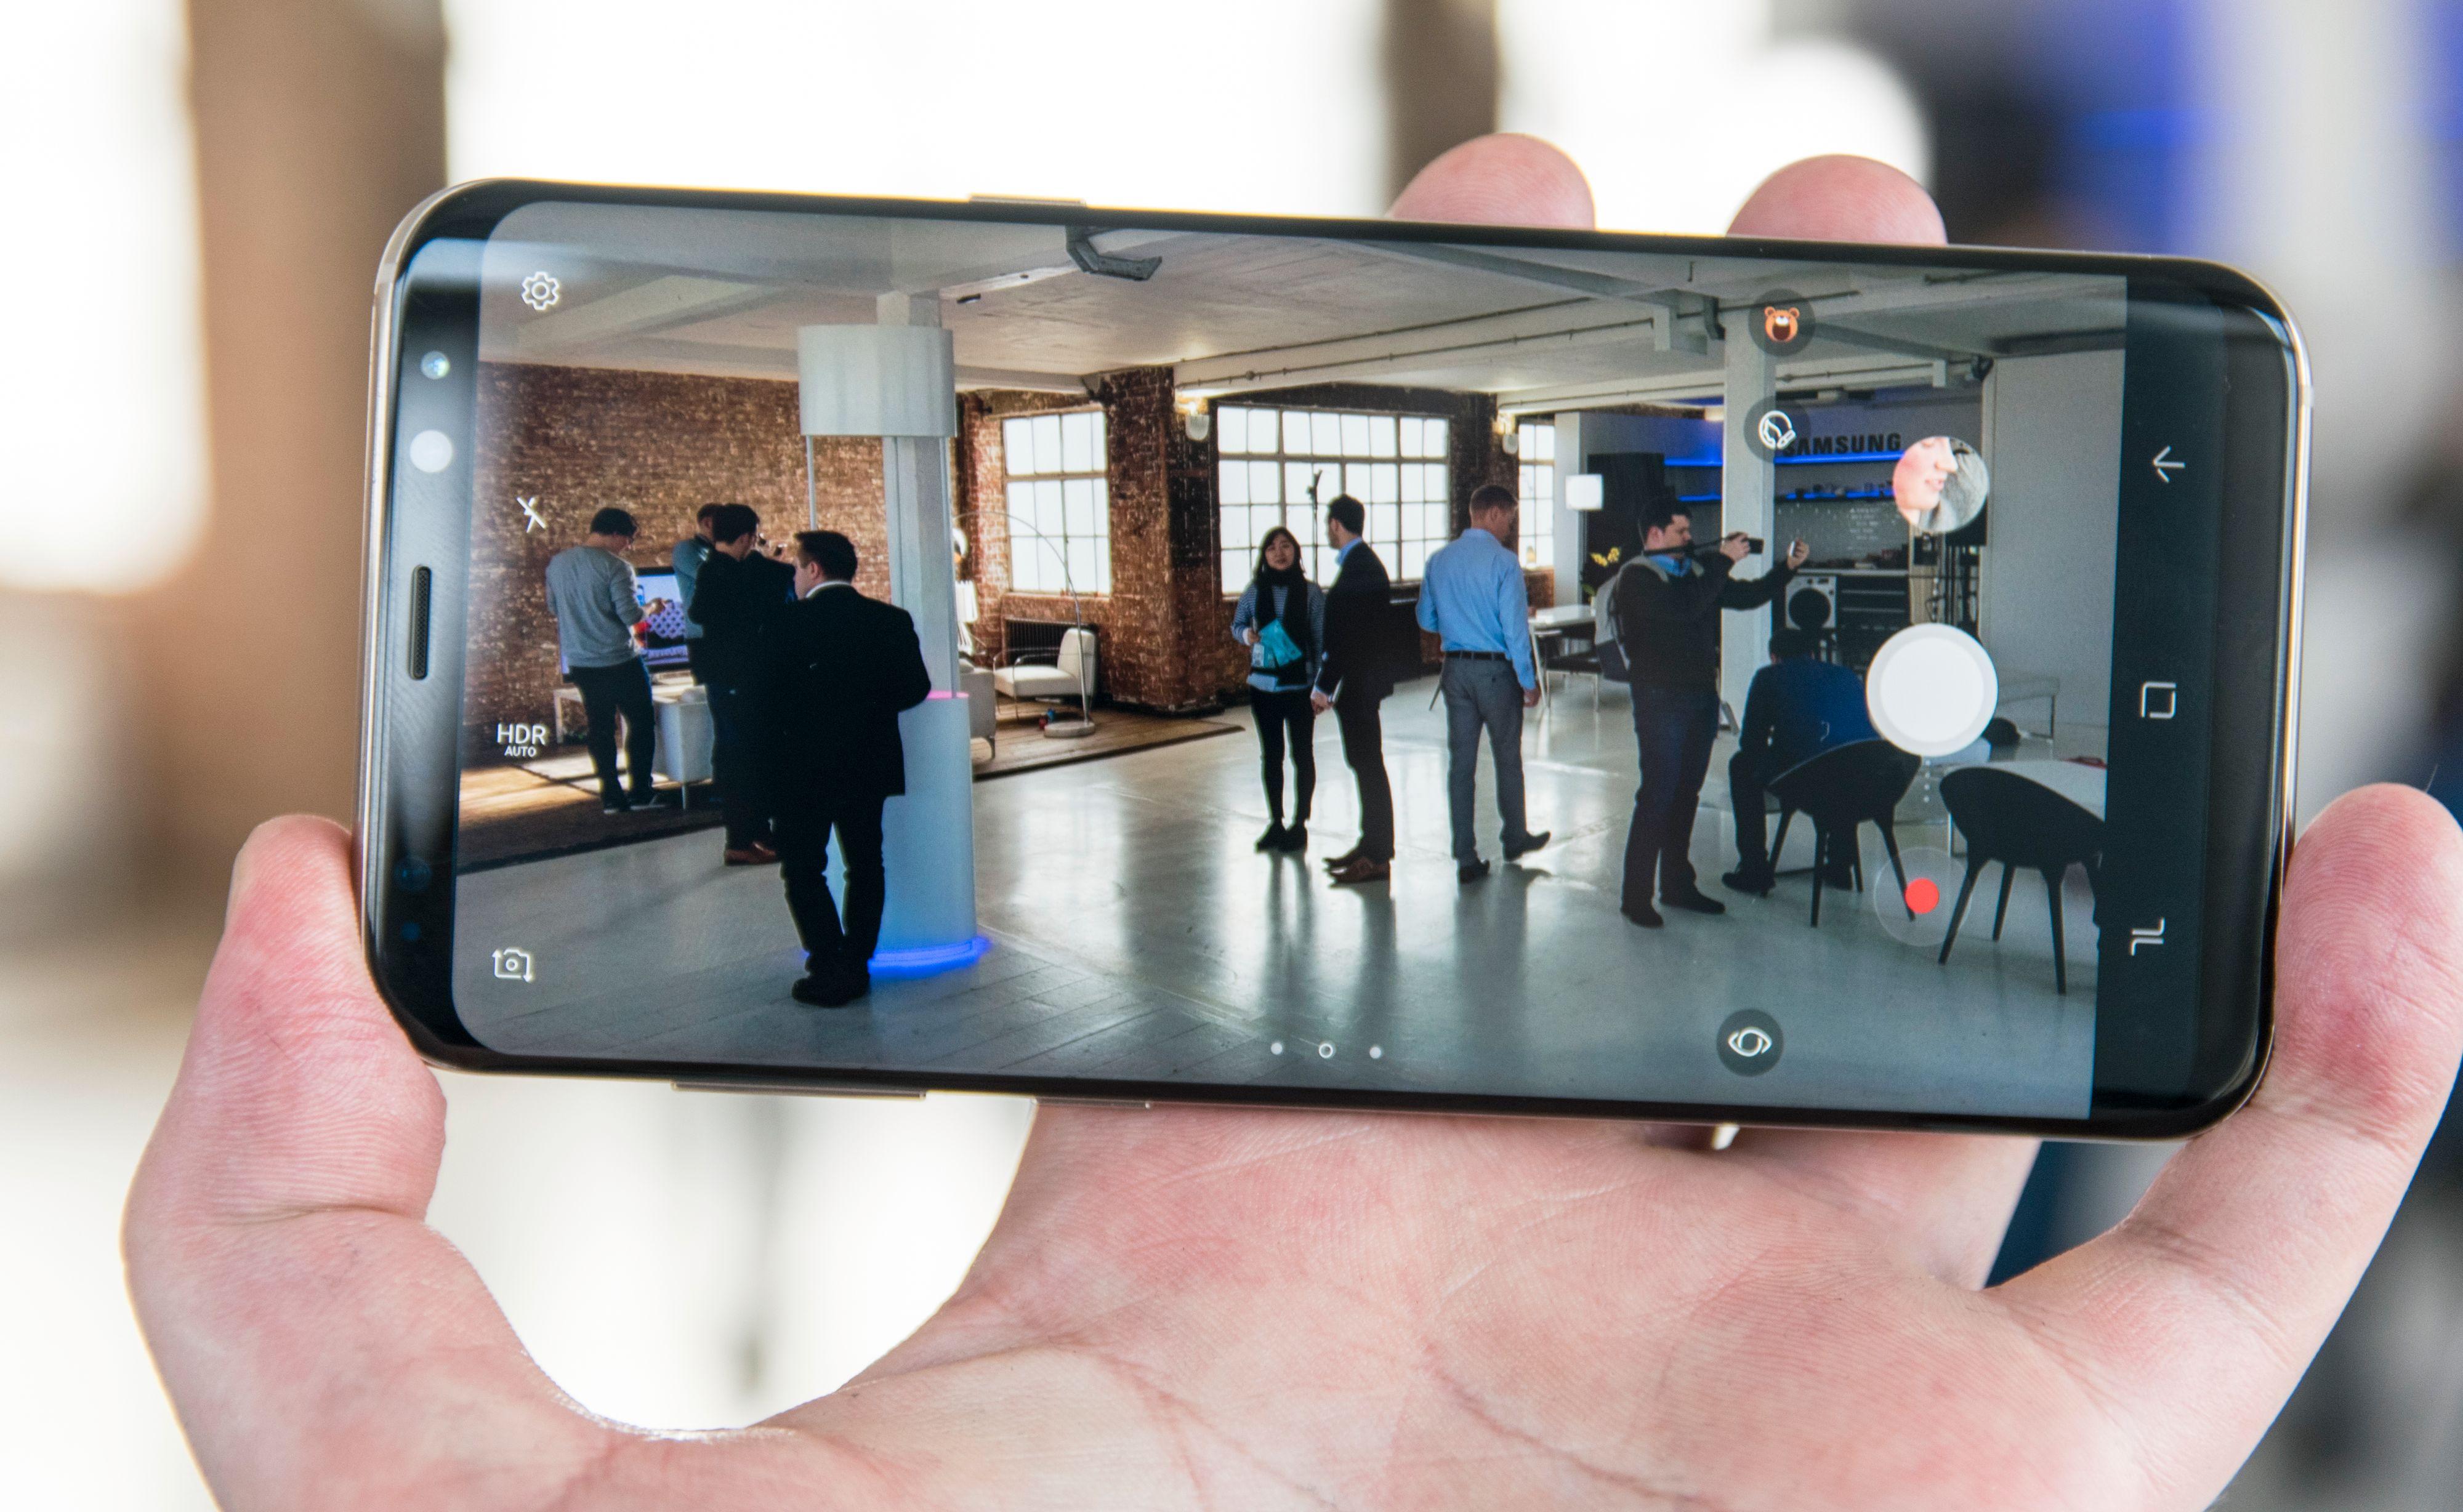 Maskinvaren i S8-kameraet er den samme som før, men med en raskere telefon rundt seg kan det noen nye triks likevel.